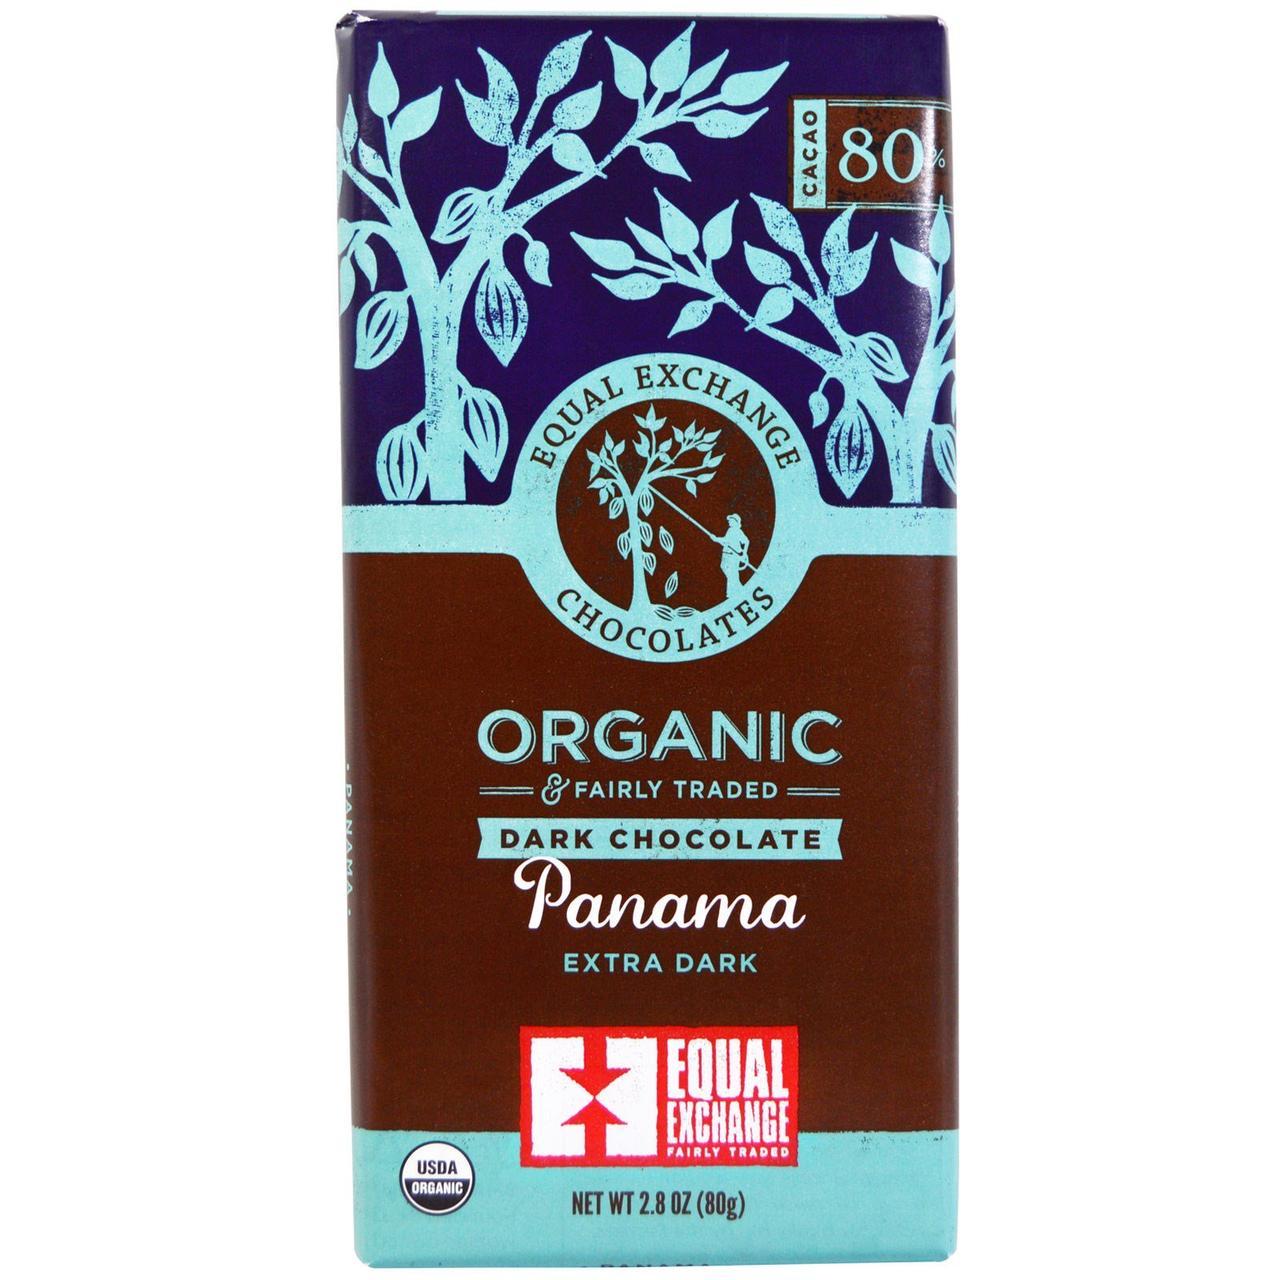 Панамский черный шоколад, Panama Extra Dark, Equal Exchange, 80 г